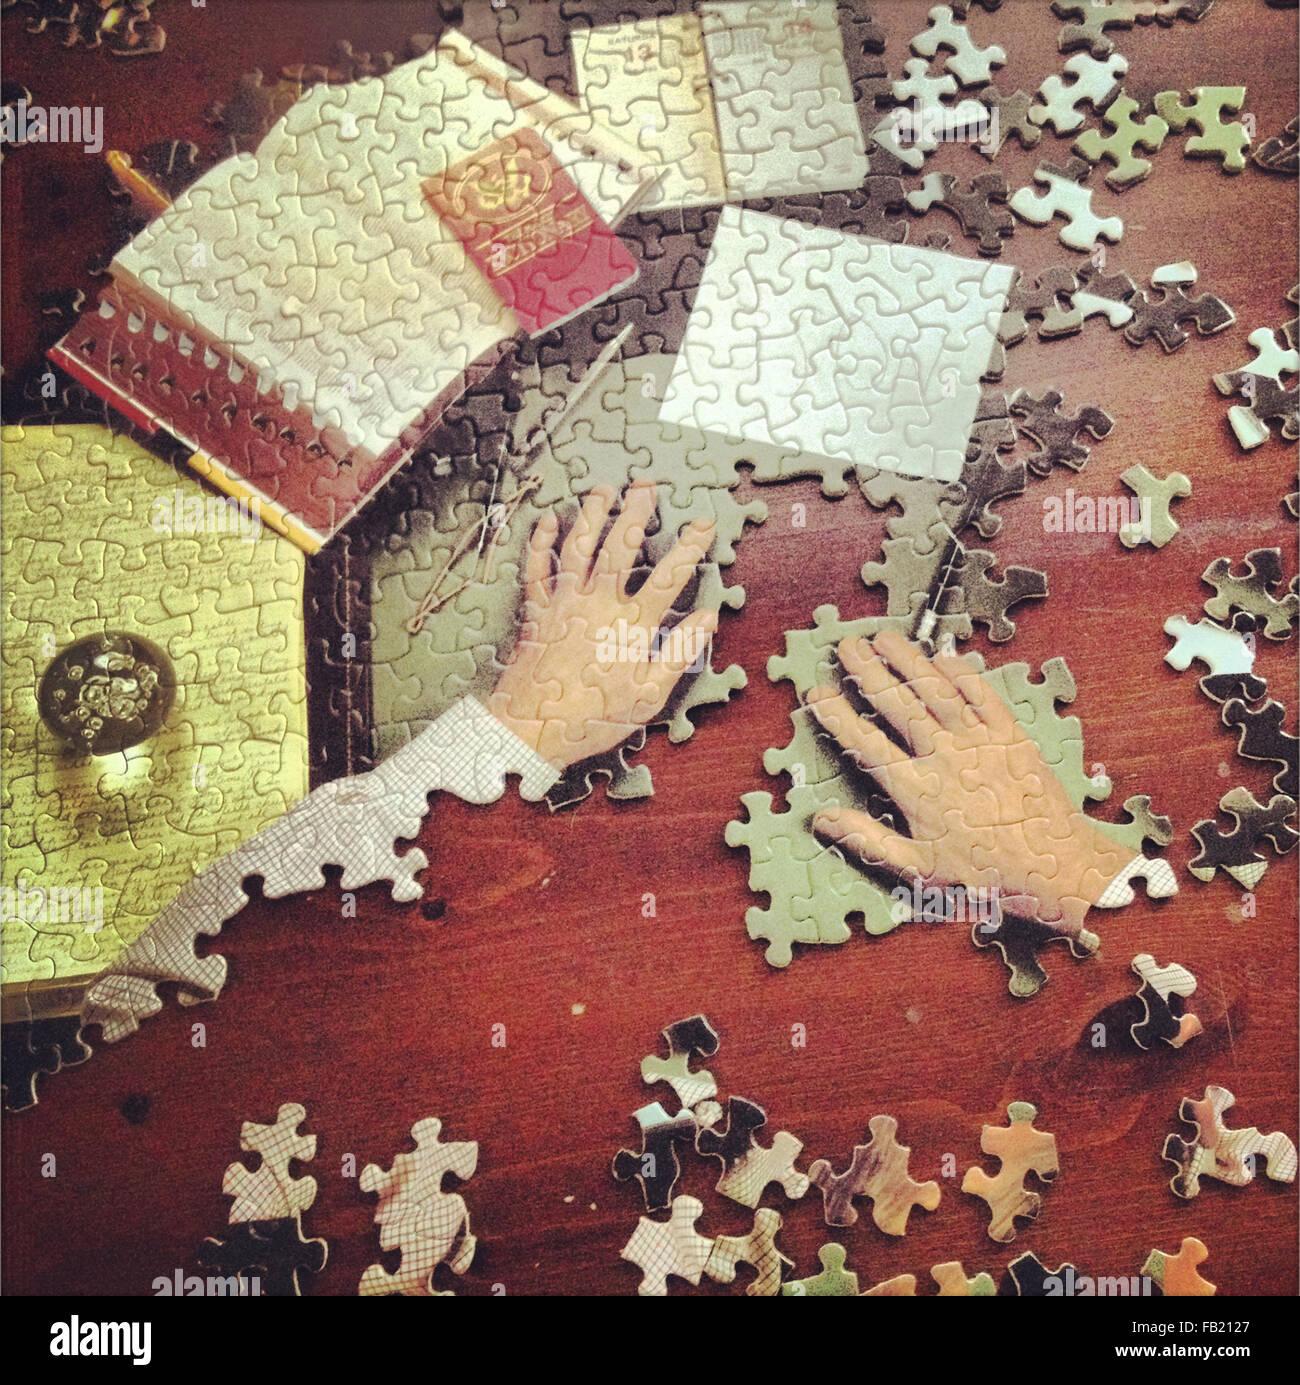 Parzialmente completata puzzle delle mani Immagini Stock